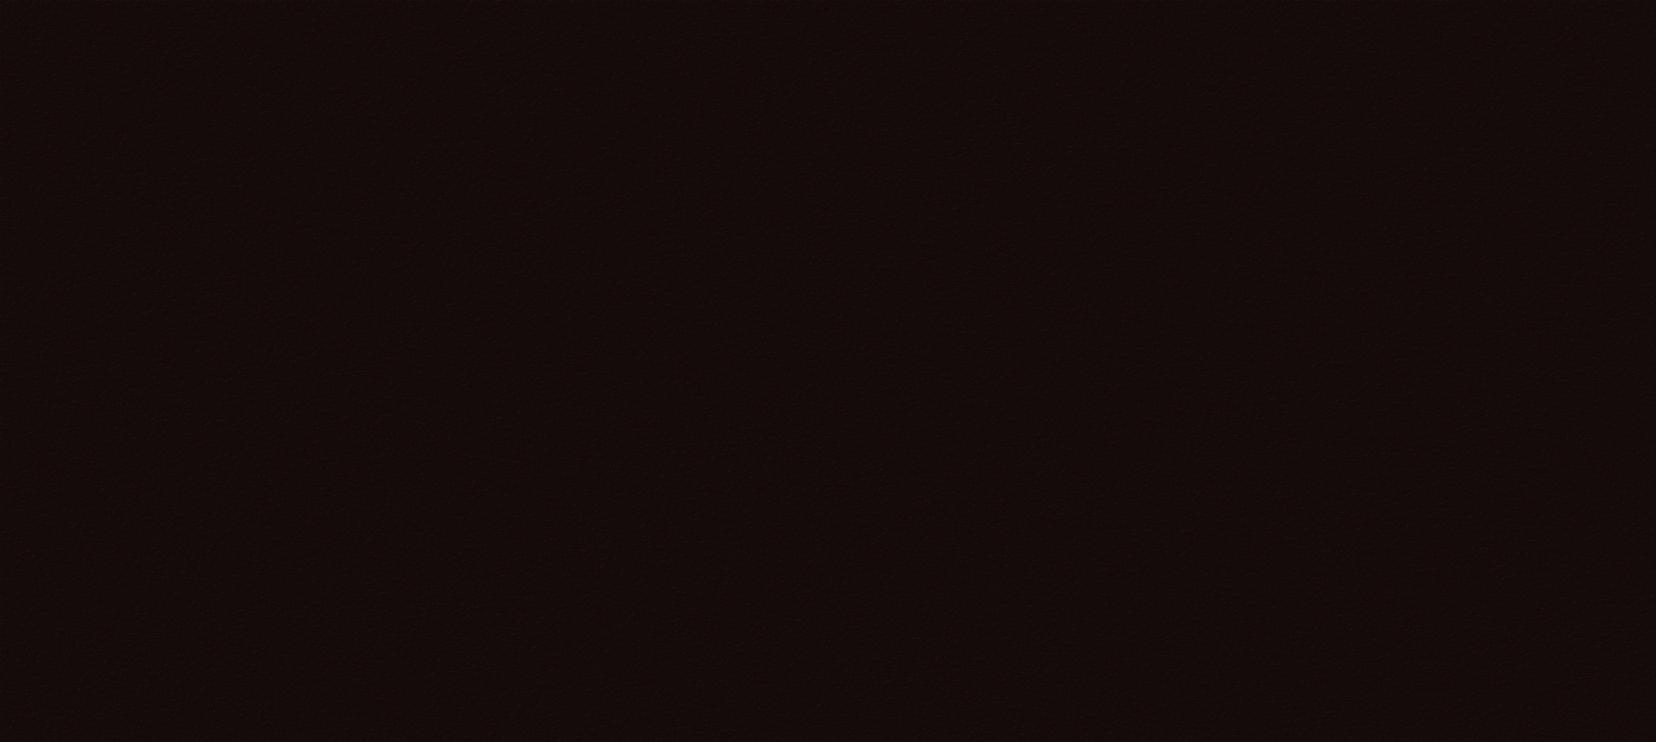 RAL-8017-Schokoladenbraun, glatt